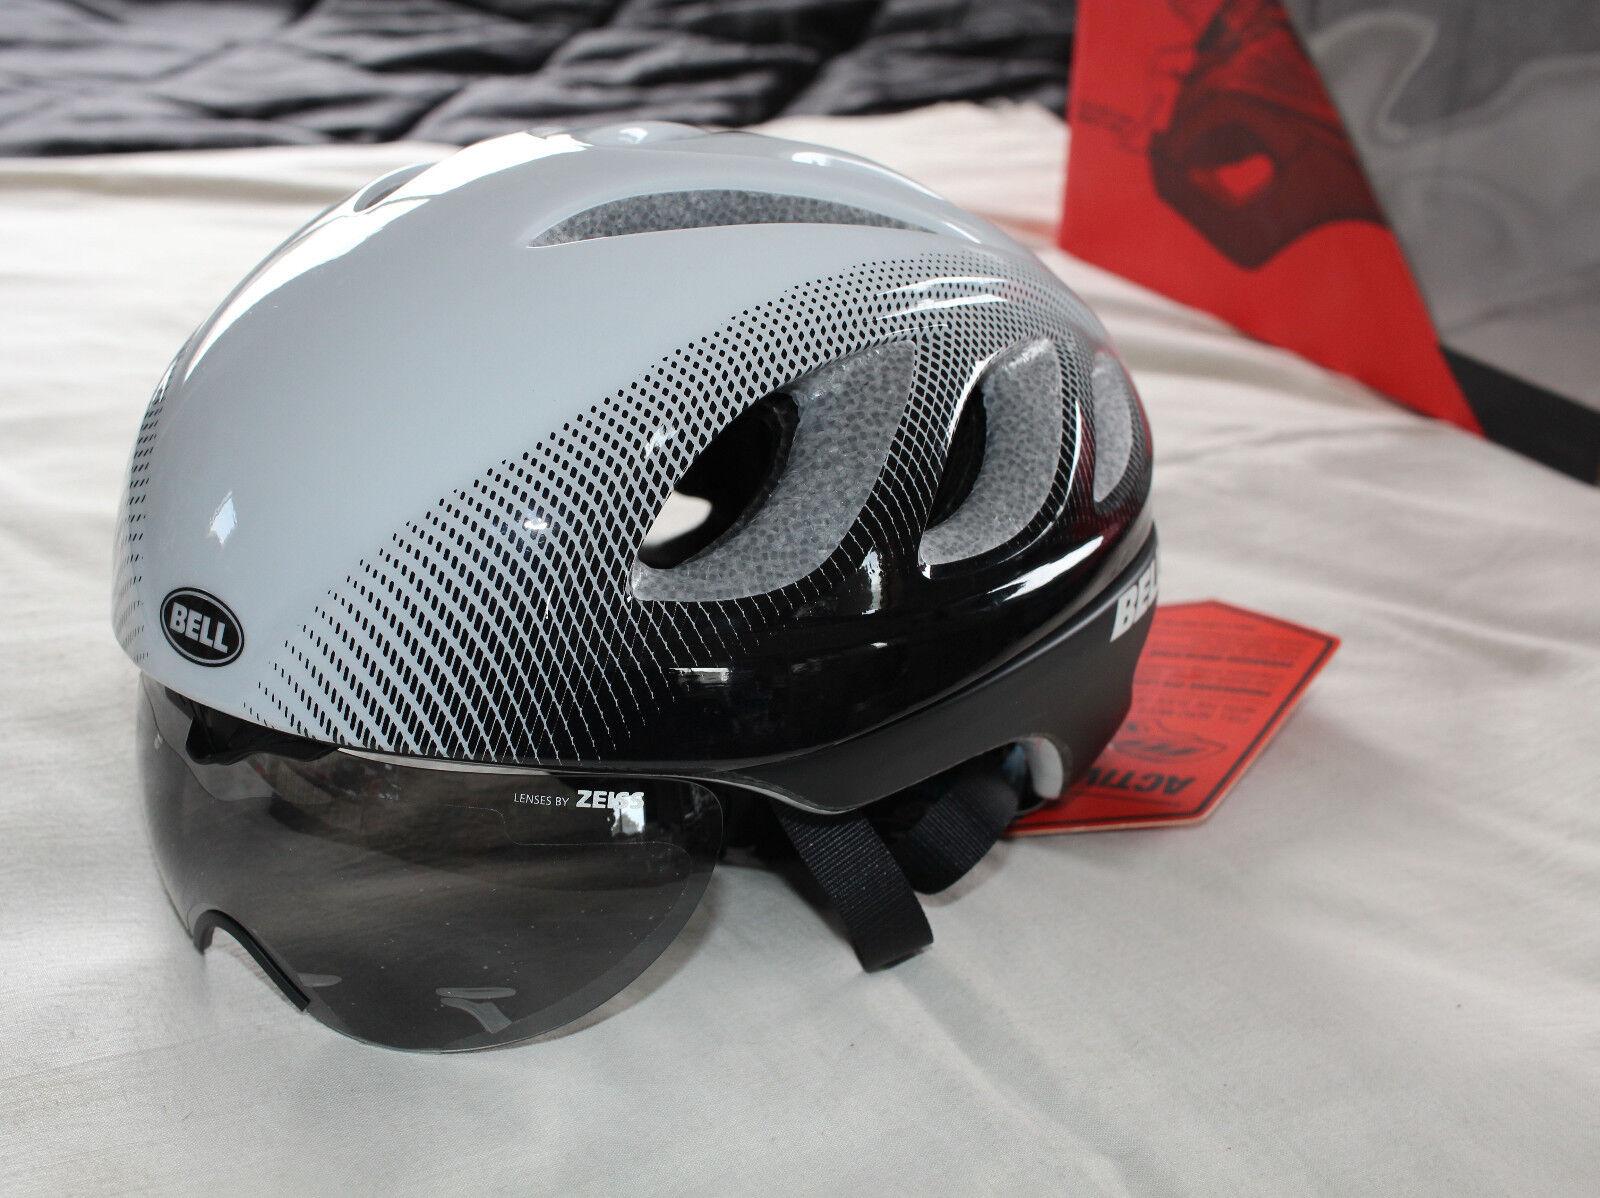 Bell Estrella Pro Escudo blancoo Negro Adulto Tamaño M 55-59cm Active Aero Casco de Bicicleta